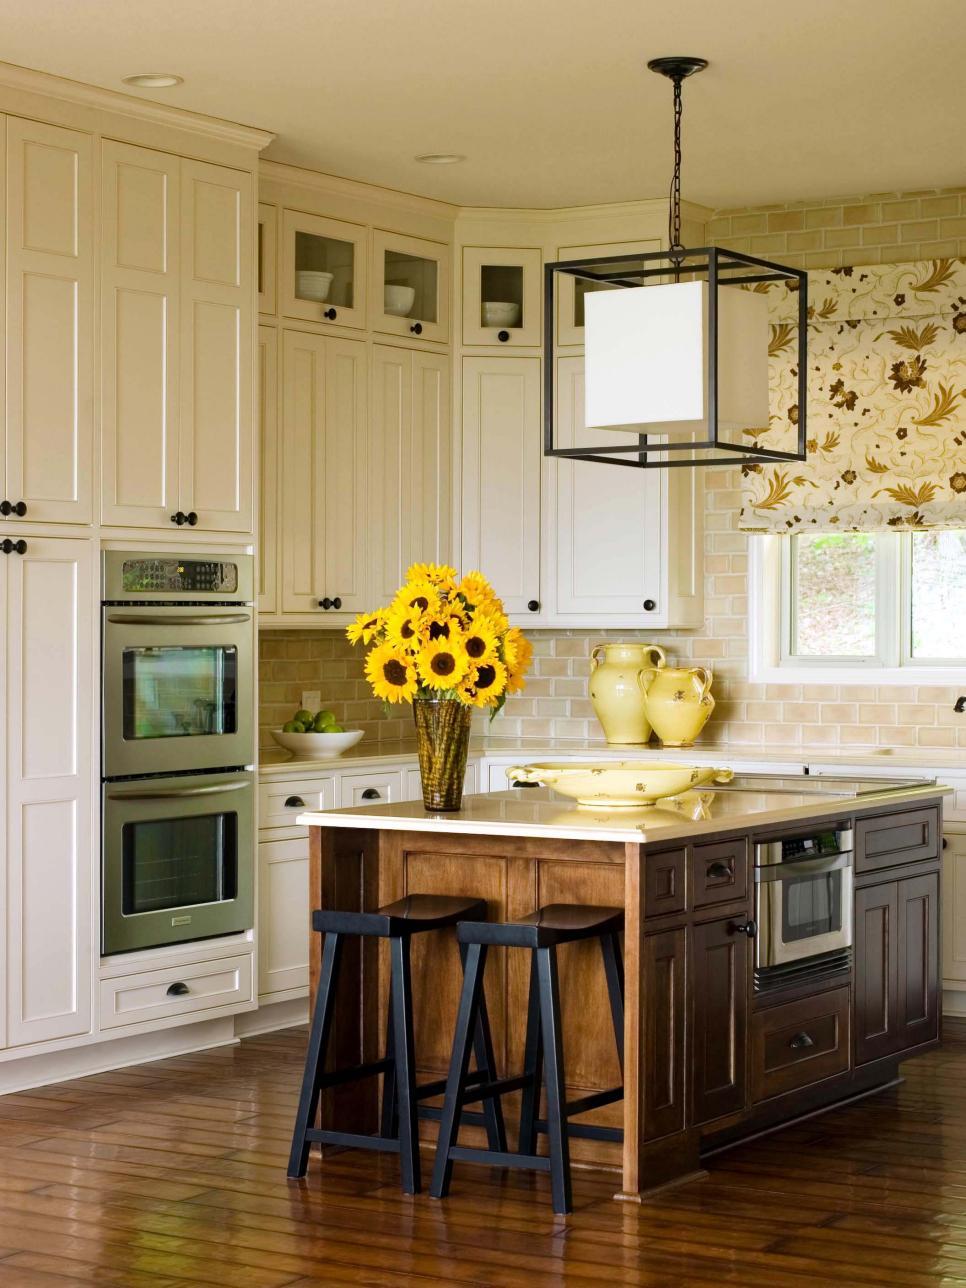 Interior Kitchen Cabinet Reface kitchen cabinet reface fanti blog kitchen